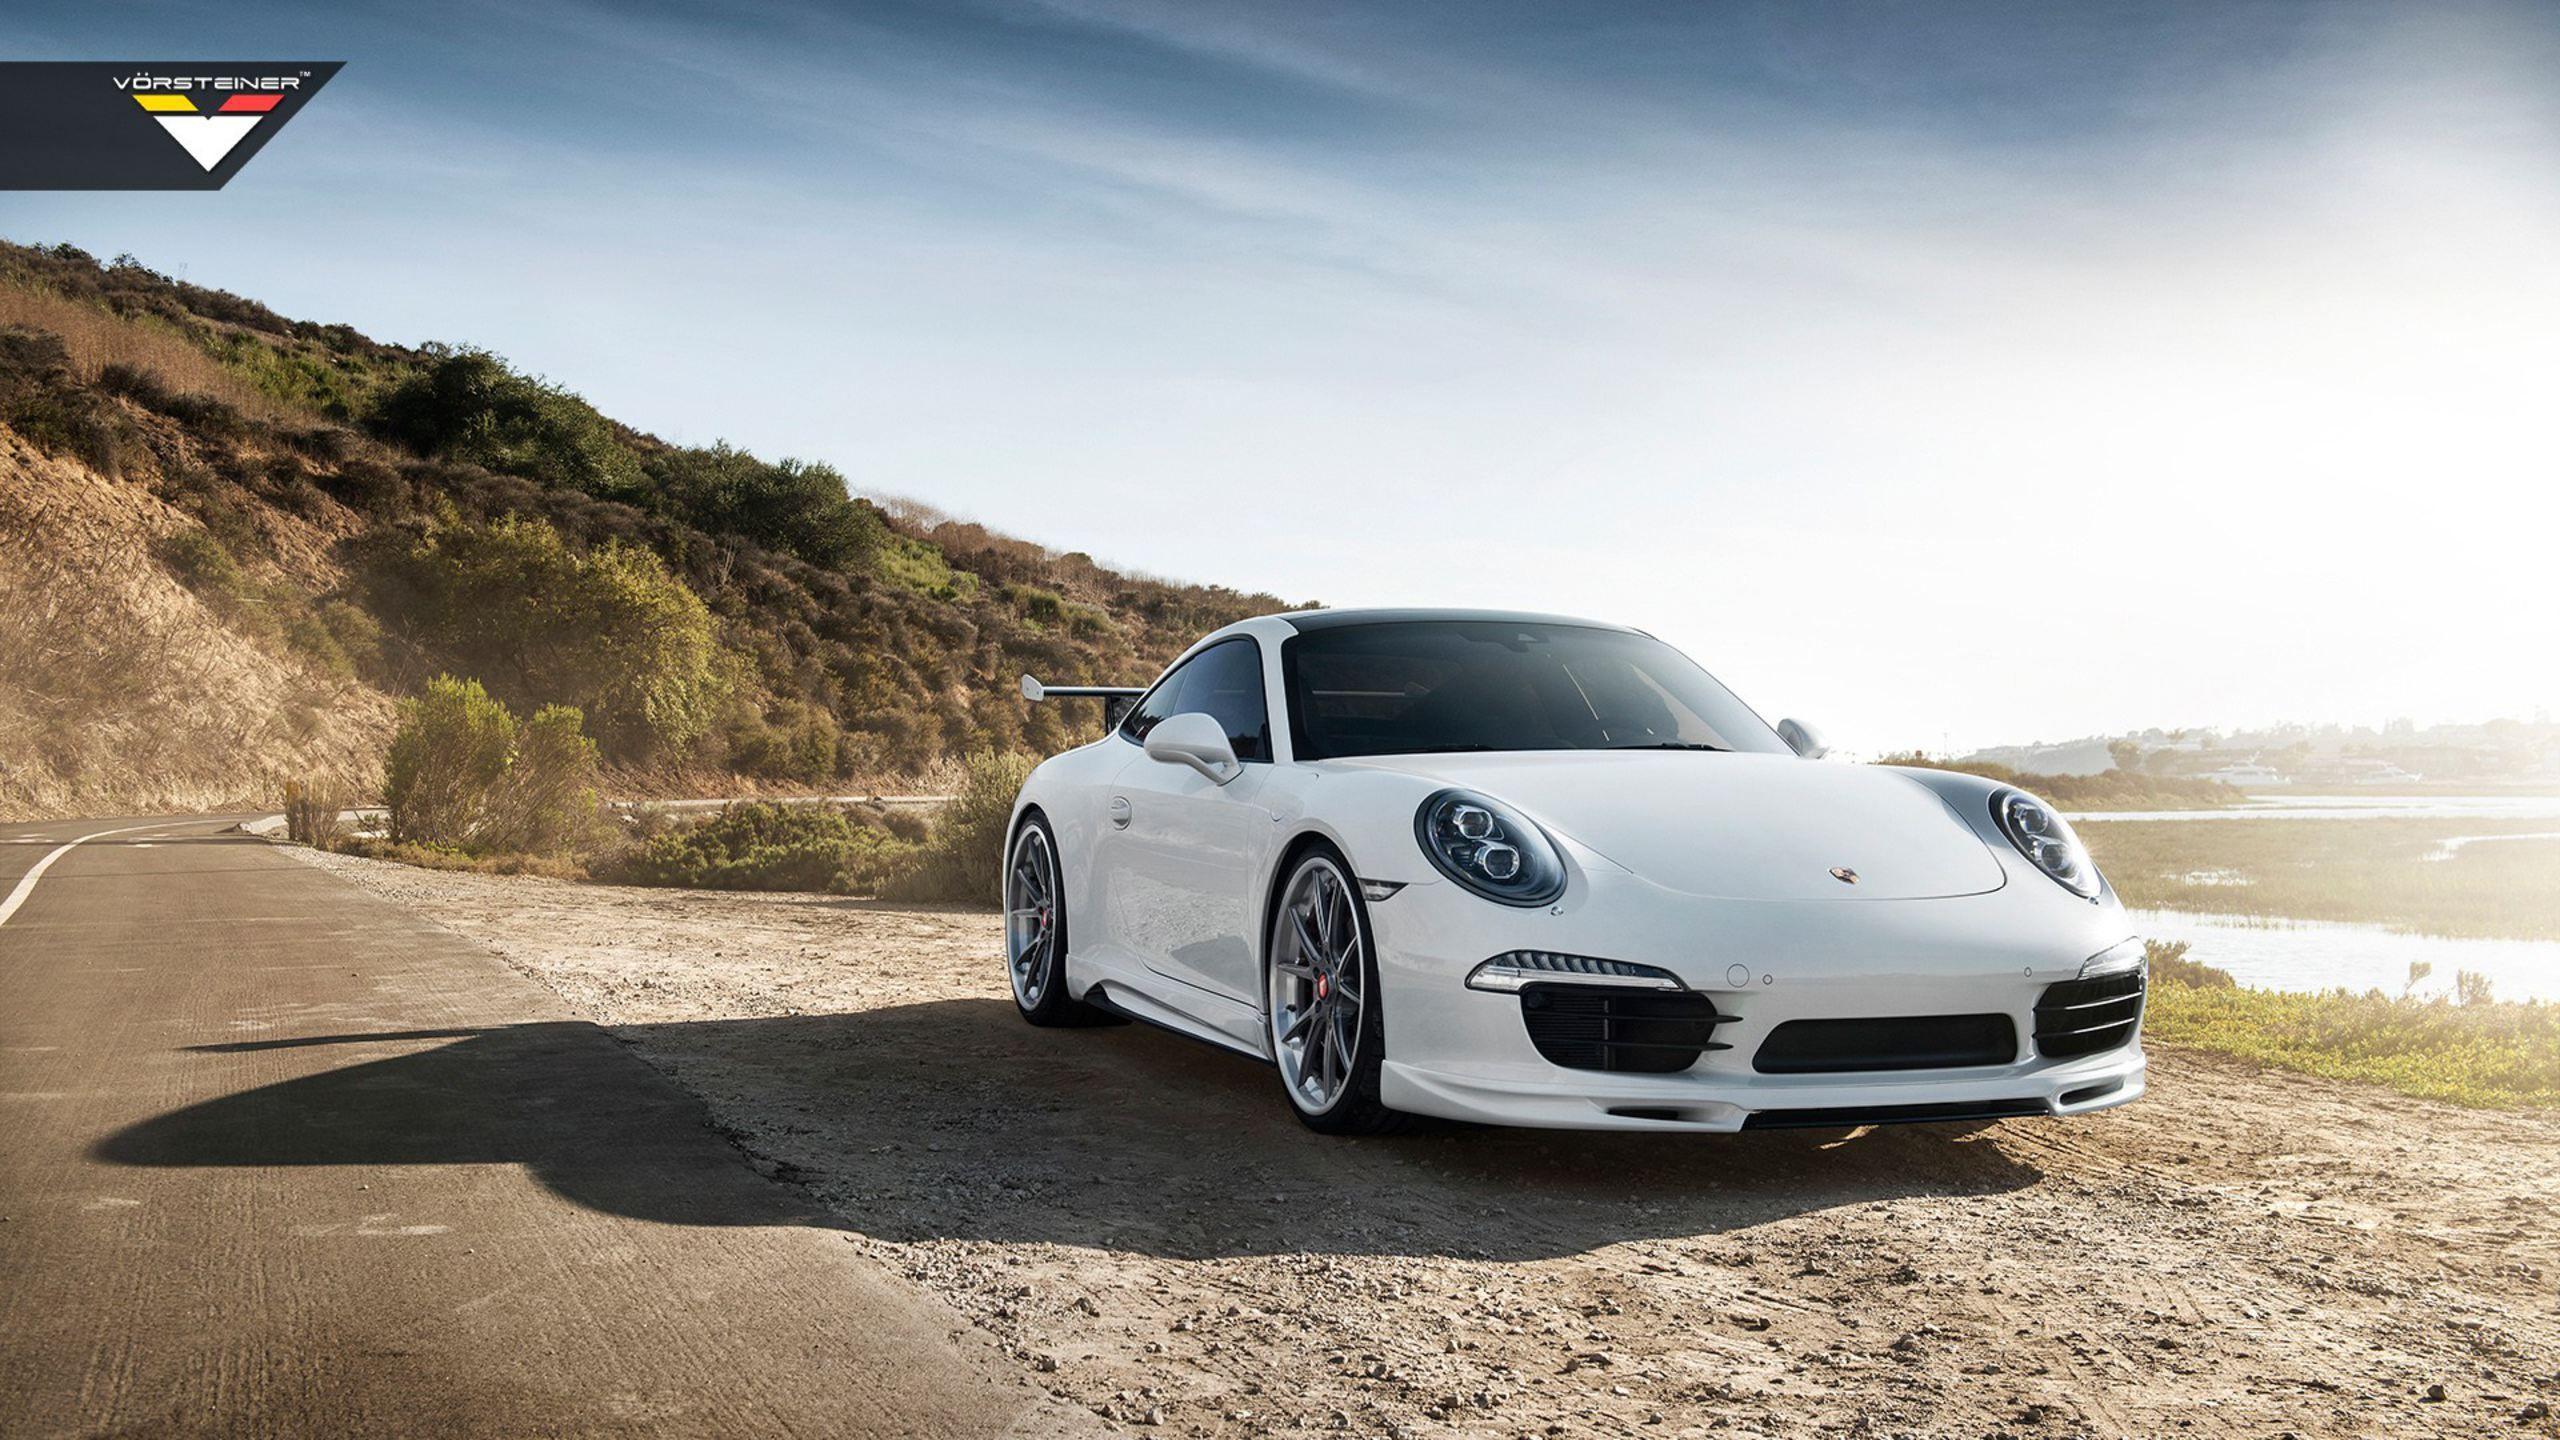 Porsche 991 Carrera S Vorsteiner V Gt Aero Program Porsche 911 Carrera S Porsche Carrera Carrera